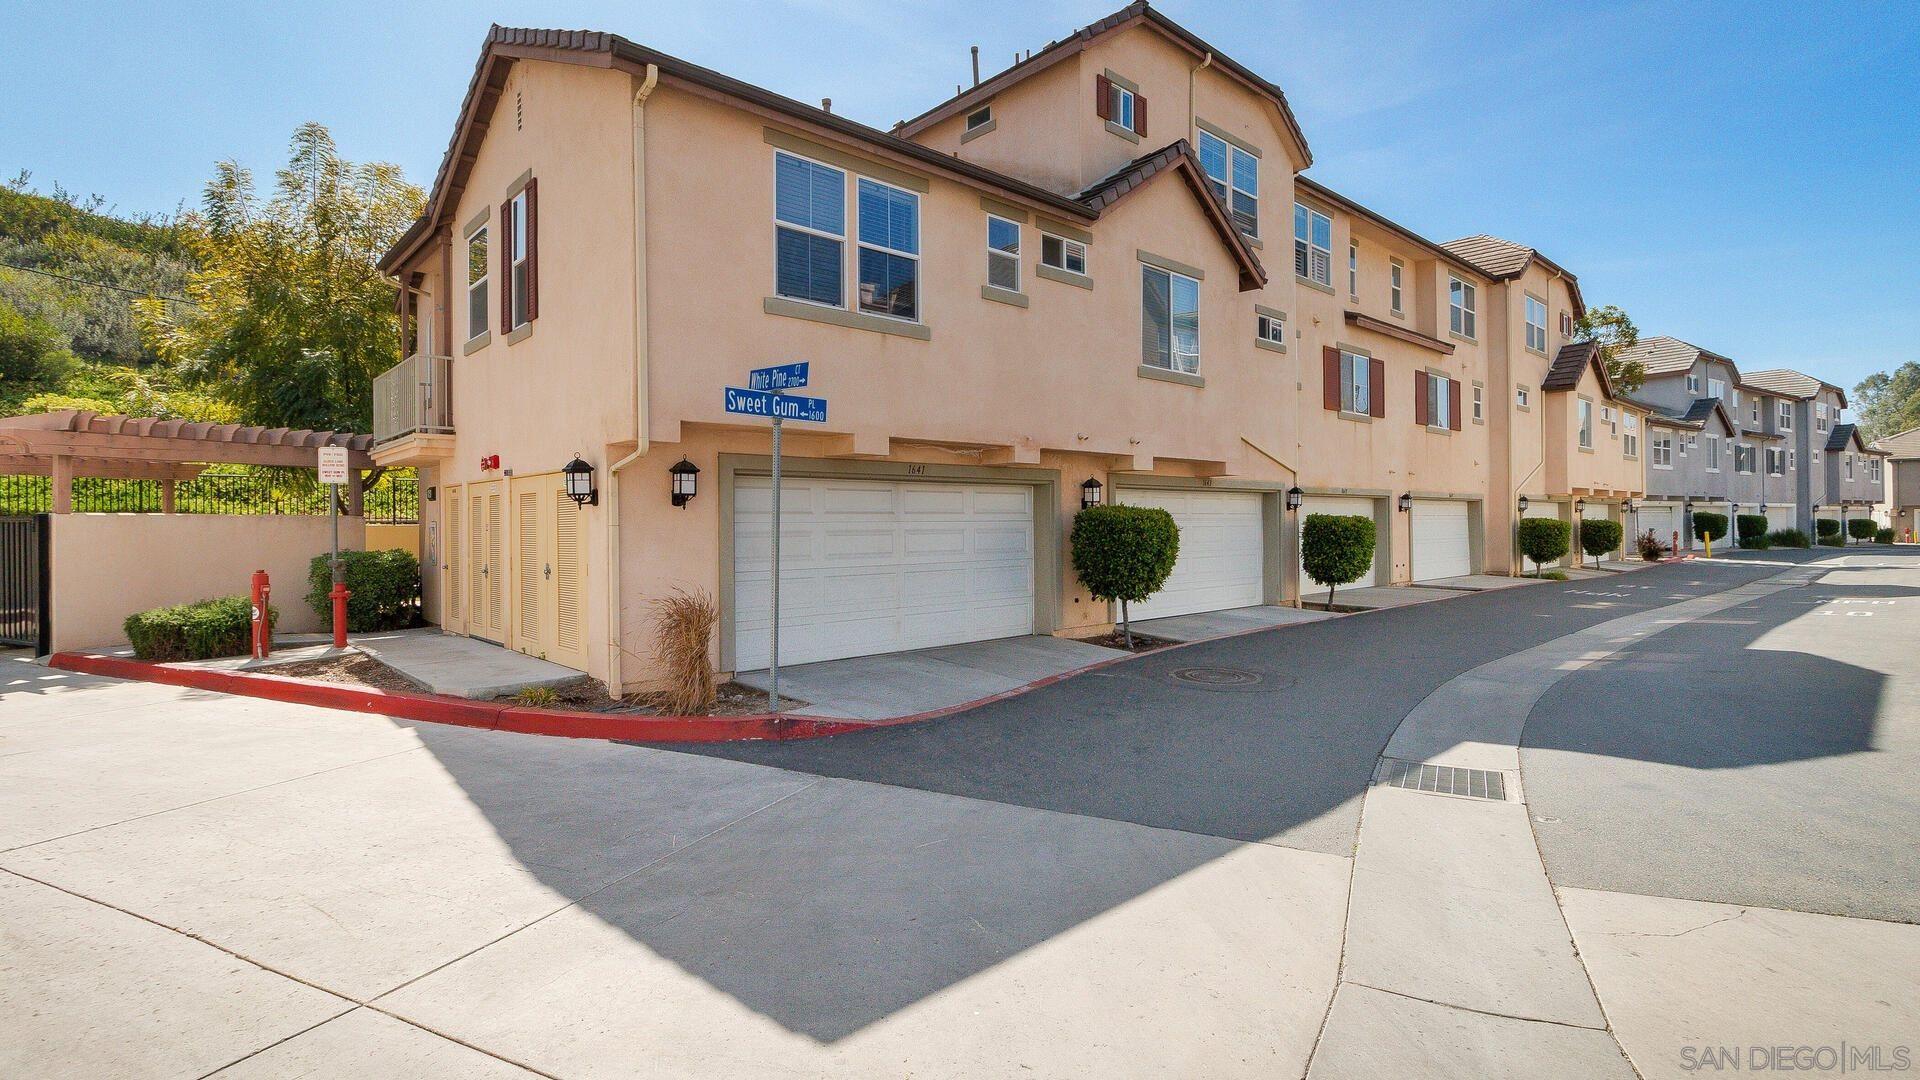 Photo of 1641 Sweet Gum Pl, Chula Vista, CA 91915 (MLS # 210009384)